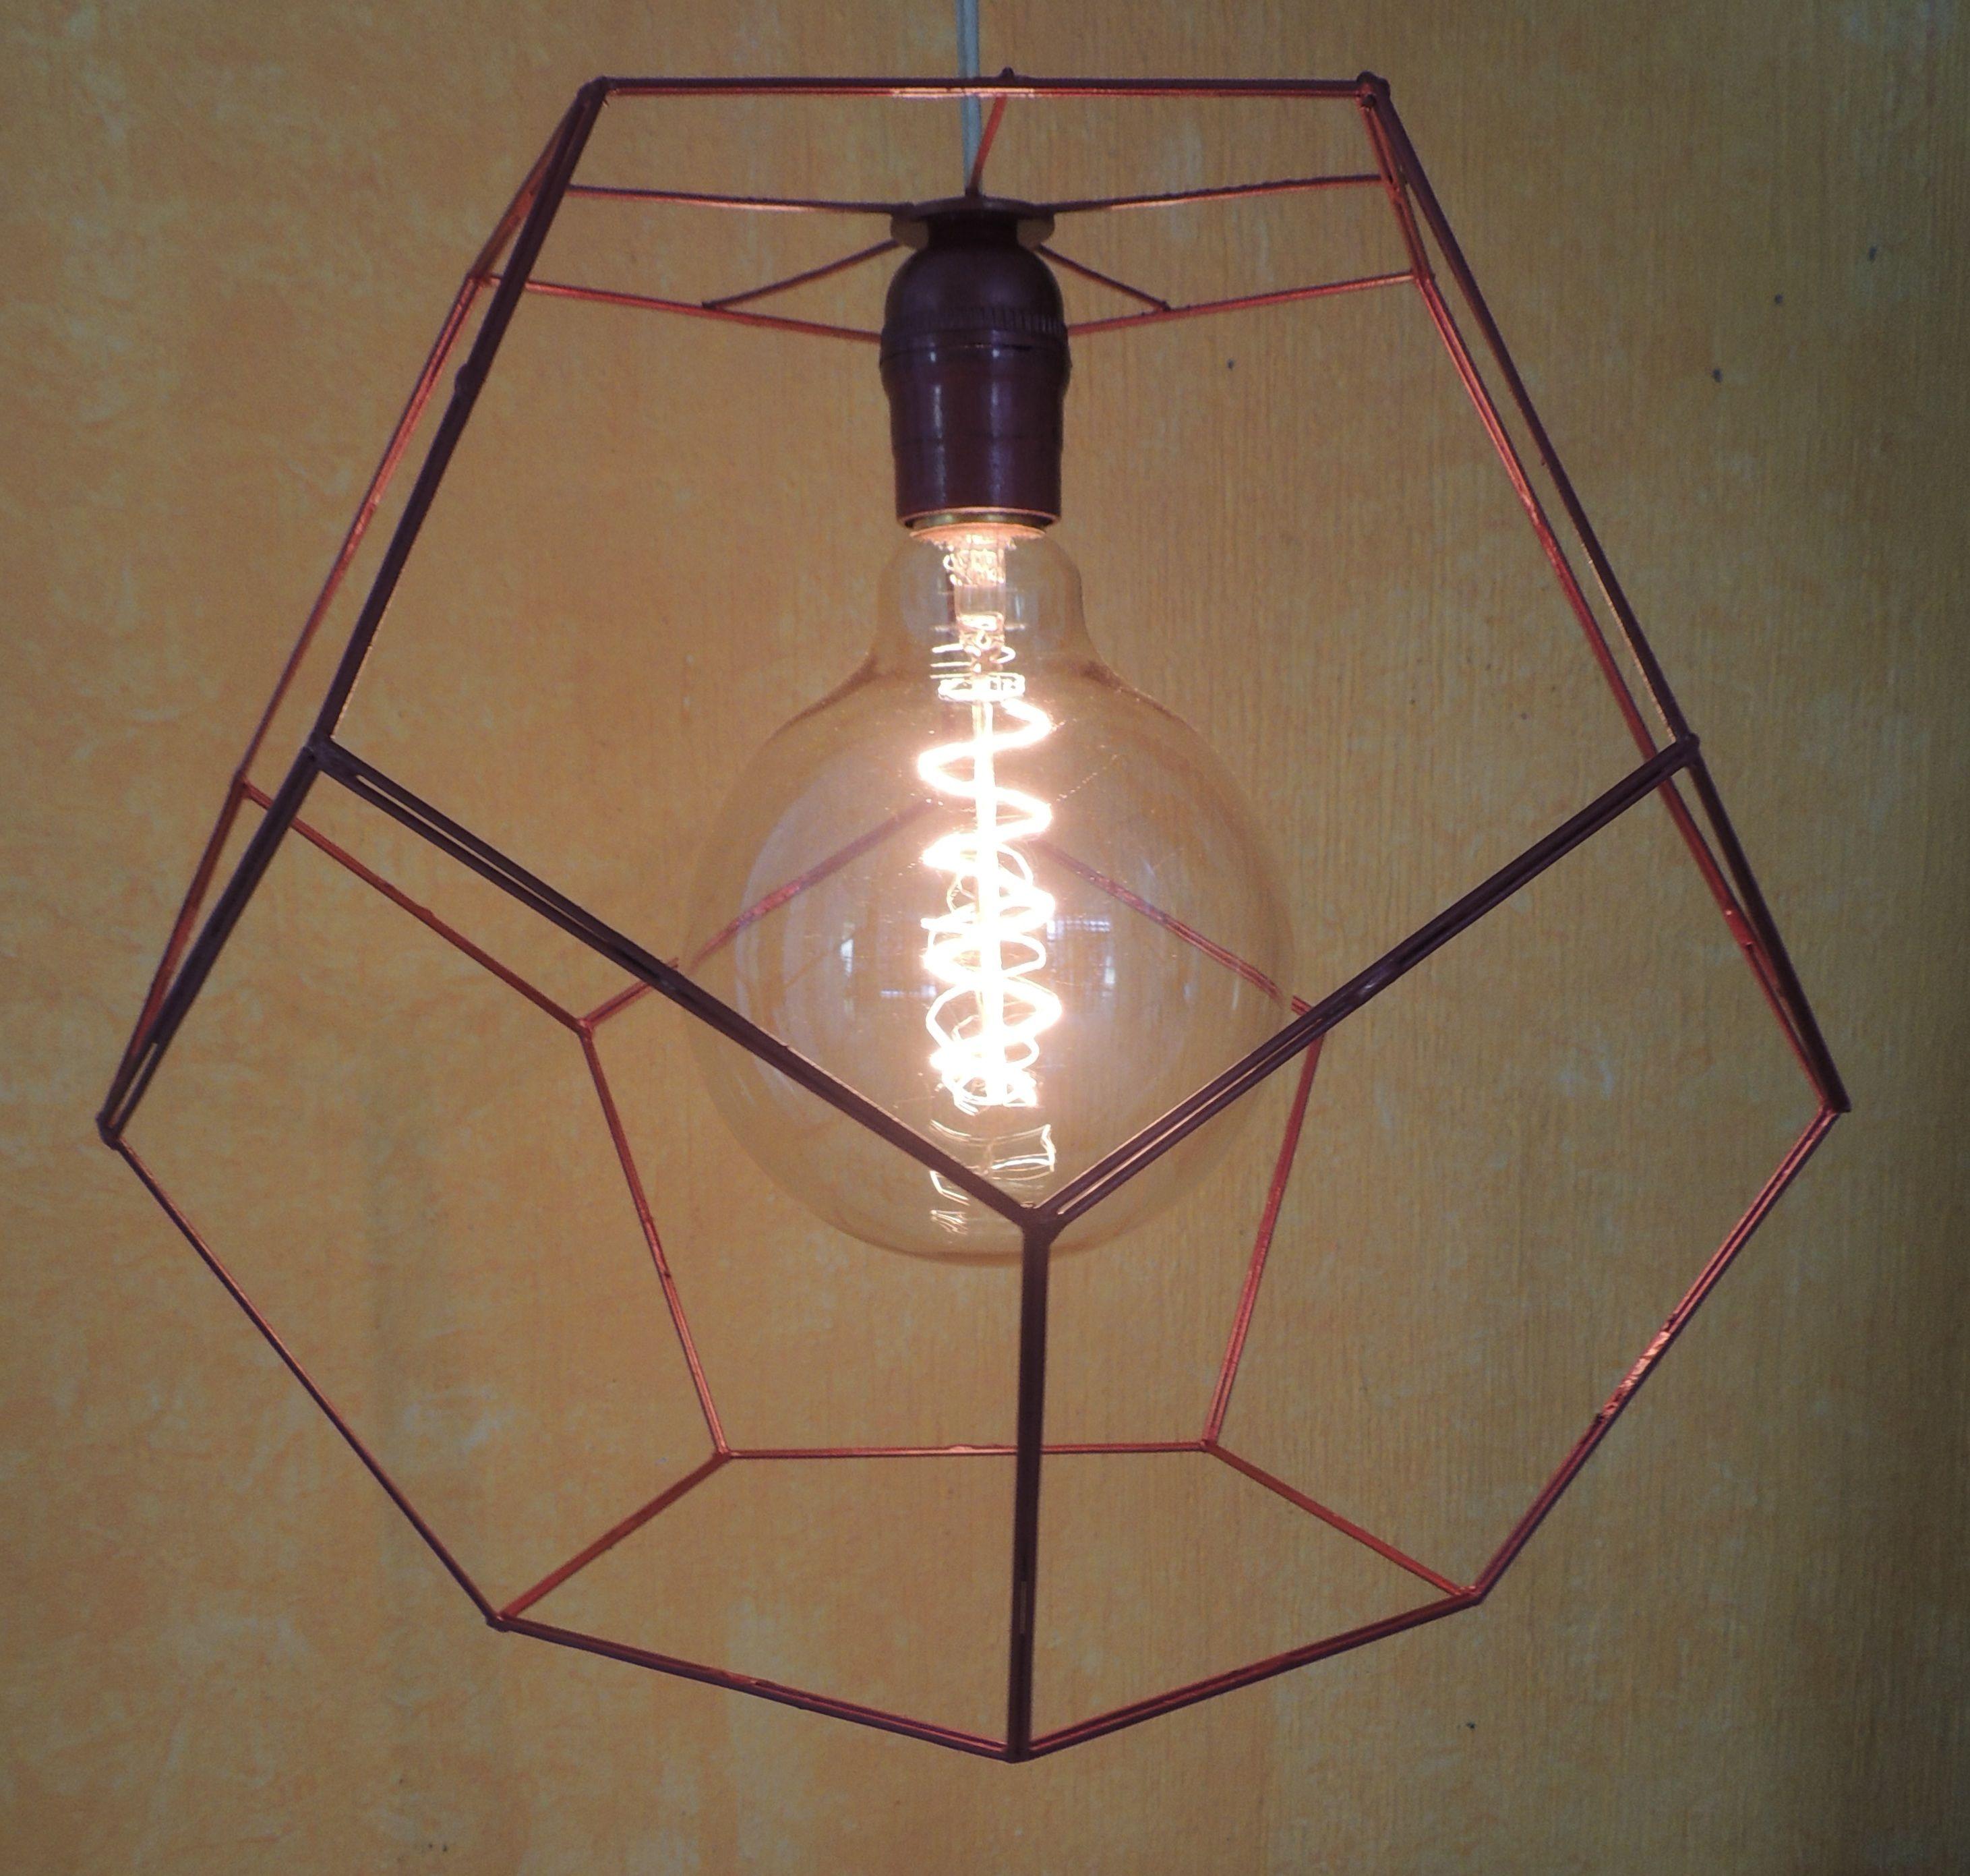 Pantalla dodecaedro para lámpara de techo, hecha a mano con luz cálida 34x27. Color rojo.